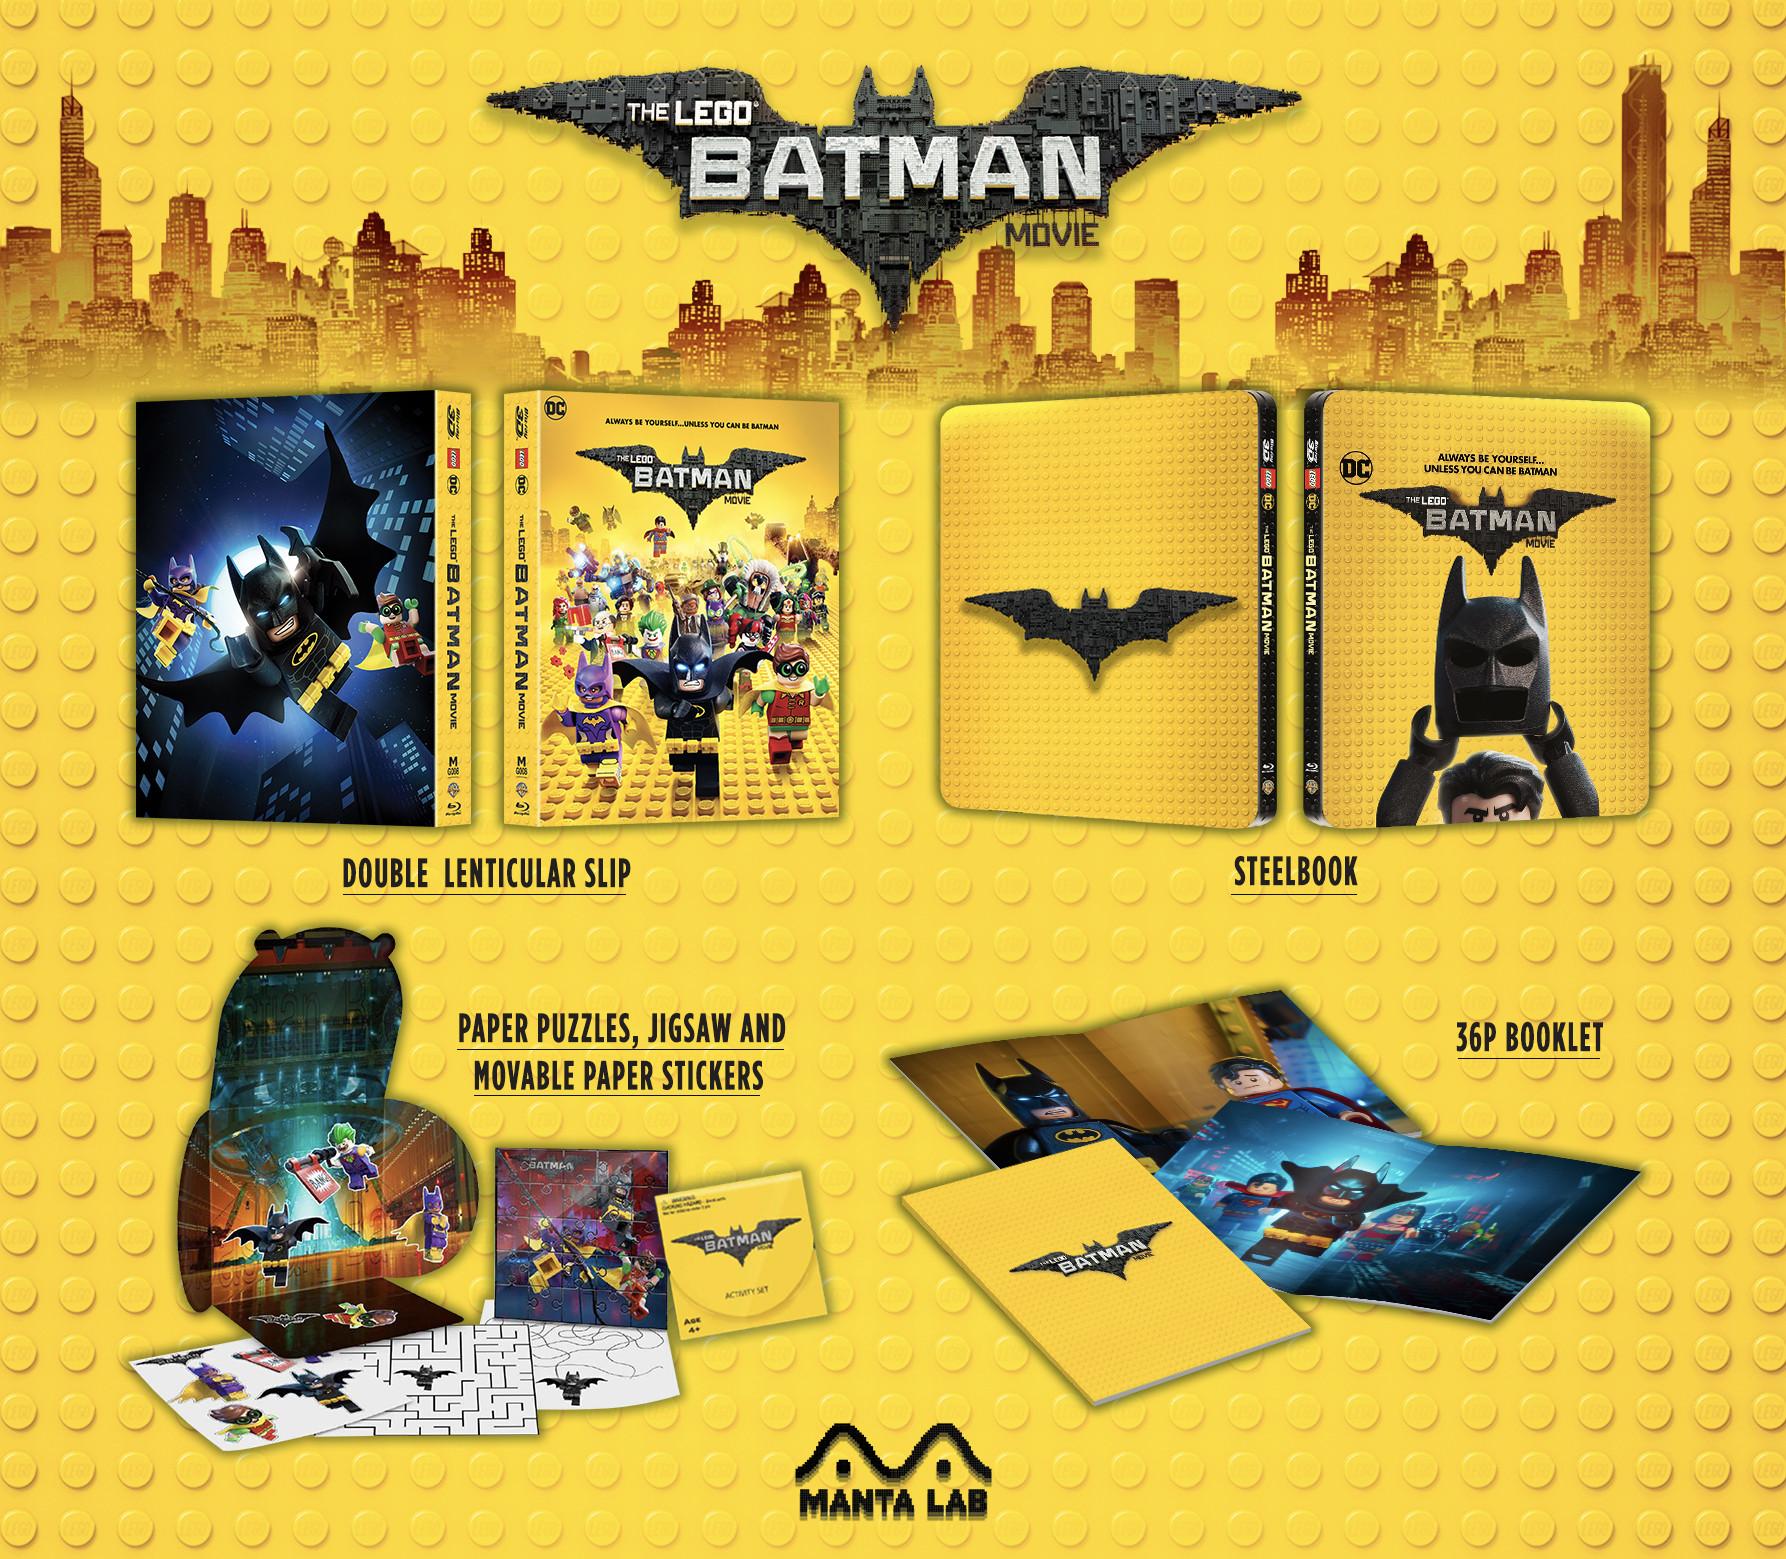 レゴ(R)バットマン ザ・ムービー スチールブック THE LEGO BATMAN MOVIE STEELBOOK Manta Lab